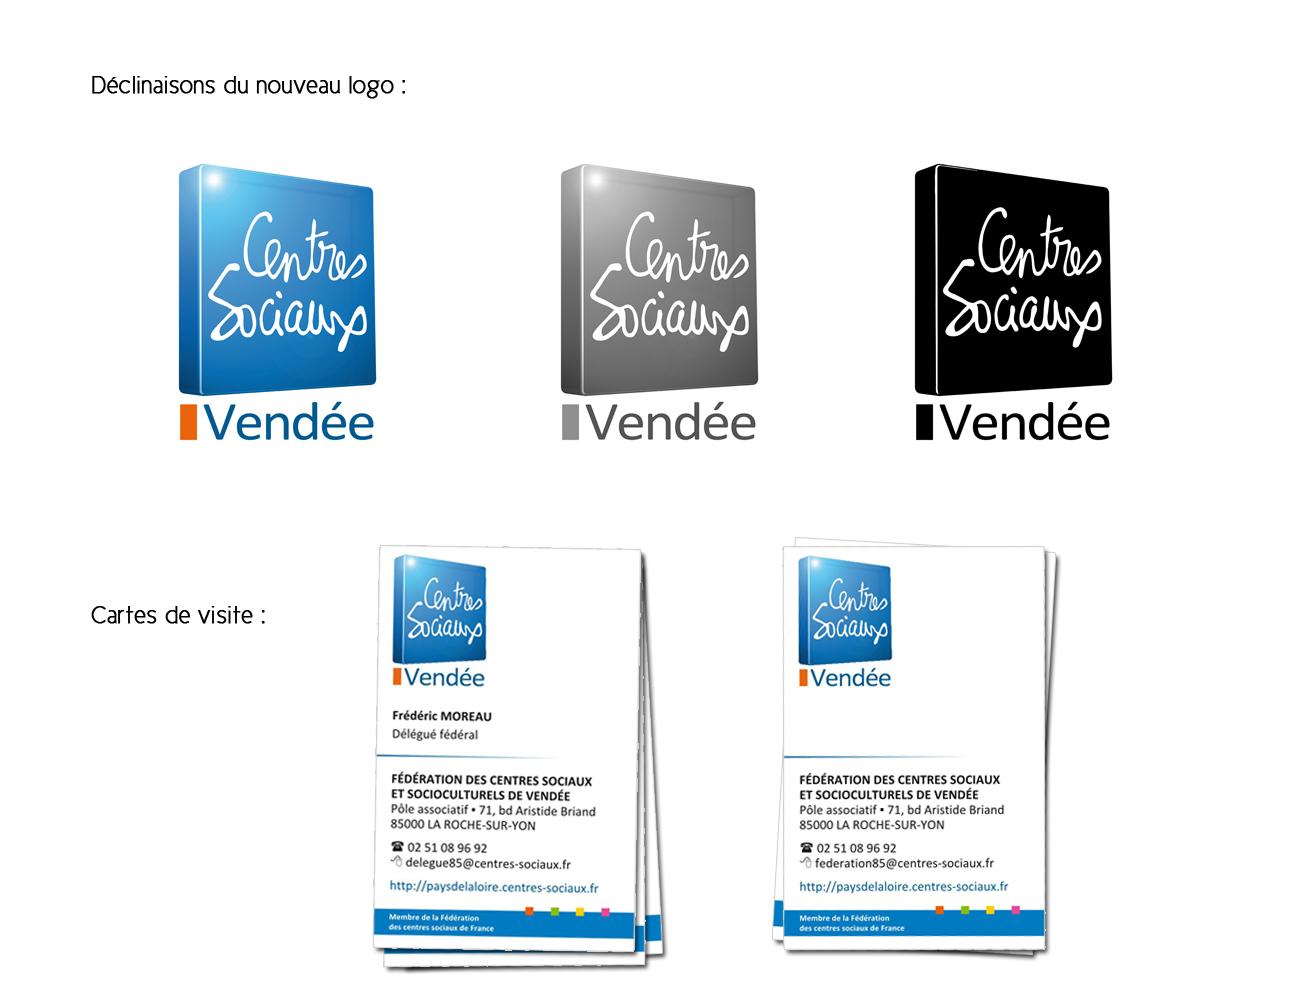 Mise A Jour En Novembre 2013 De Lidentite Visuelle Logo Et Carte Visite Respectant La Charte Graphique Etablie Par Federation Nationale